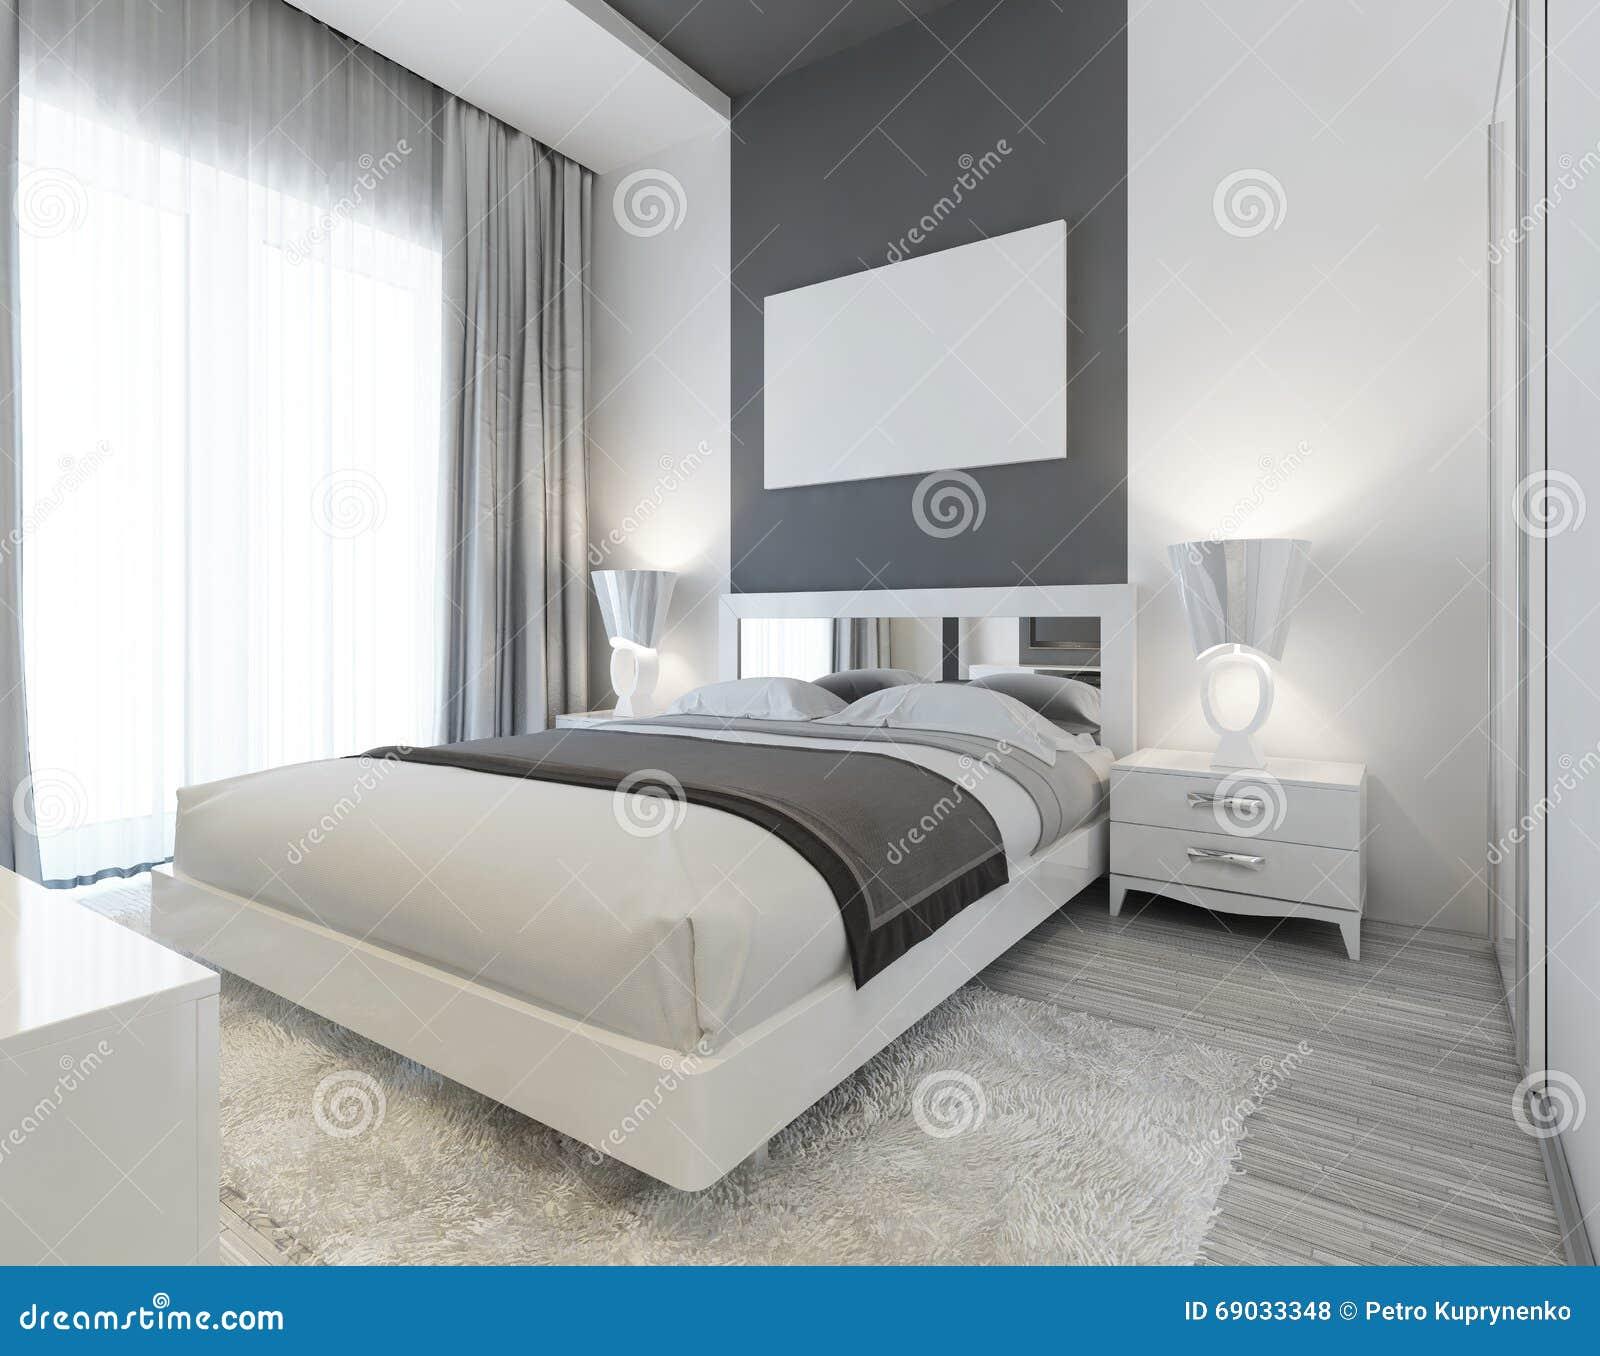 Schlafzimmer In Art Deco Art In Den Weissen Und Grauen Farben Stock Abbildung Illustration Von Schlafzimmer Farben 69033348